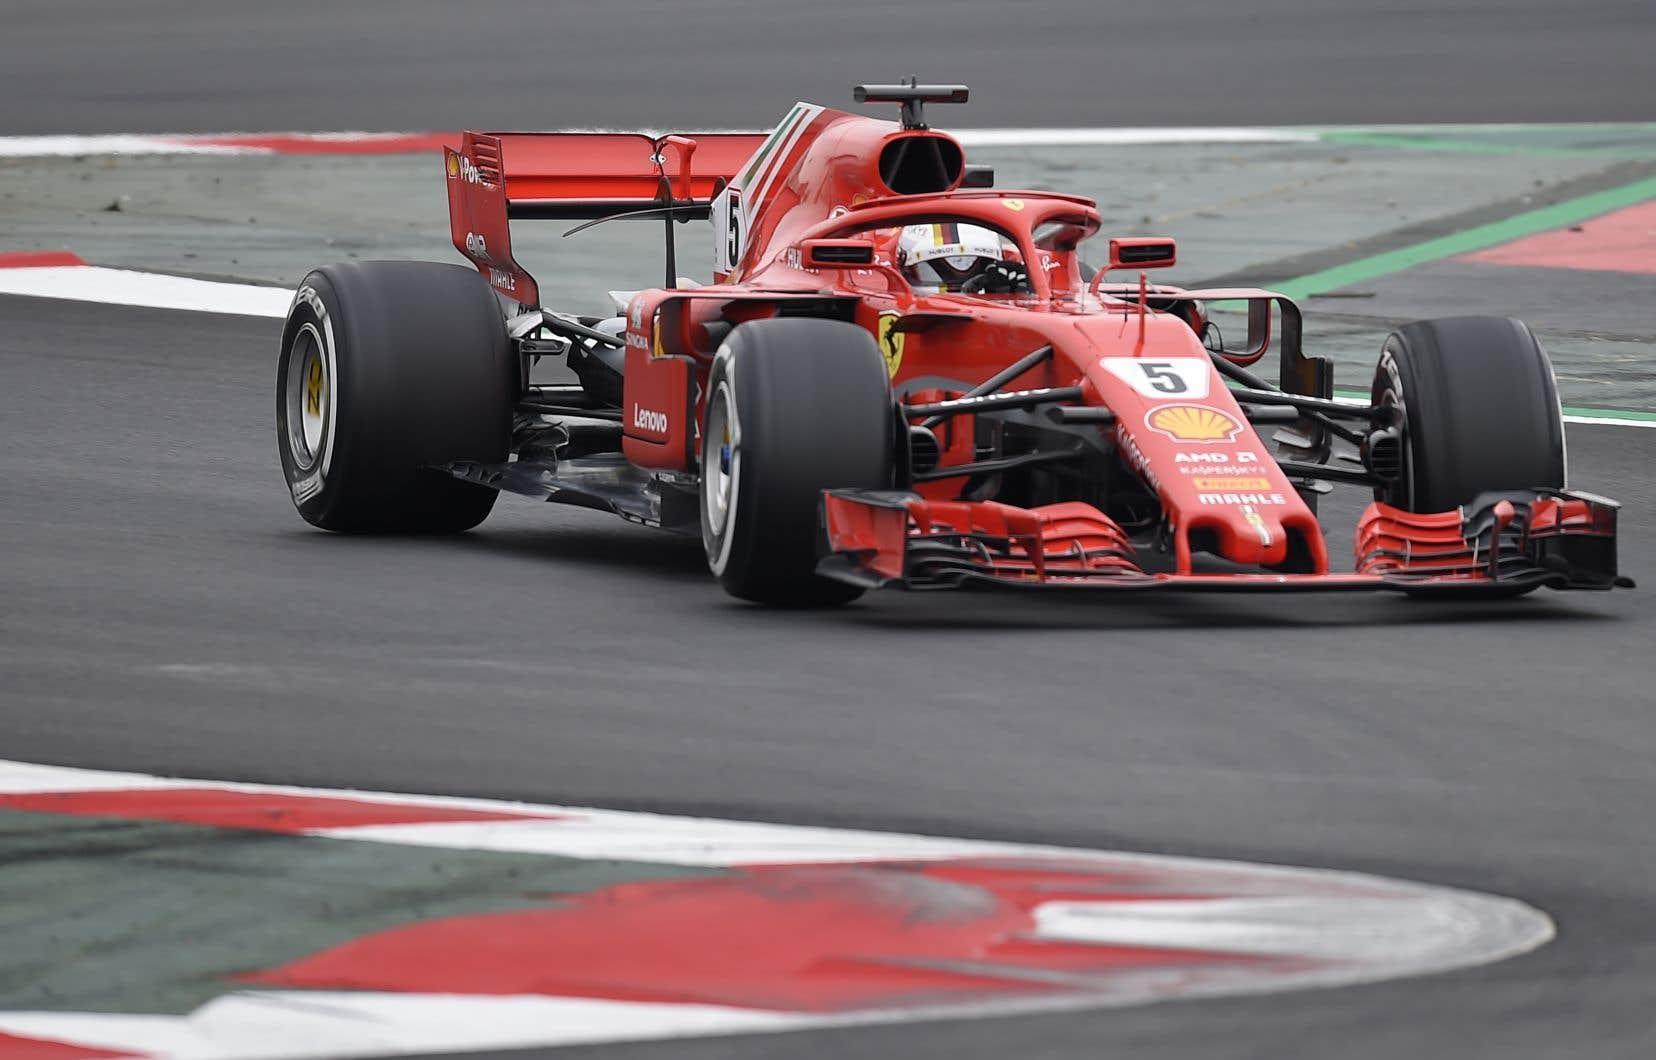 Vettel s'est imposé avec un chrono de 1 minute 19,673 secondes, lui qui effectuait ses premiers tours au volant de la nouvelle Ferrari.